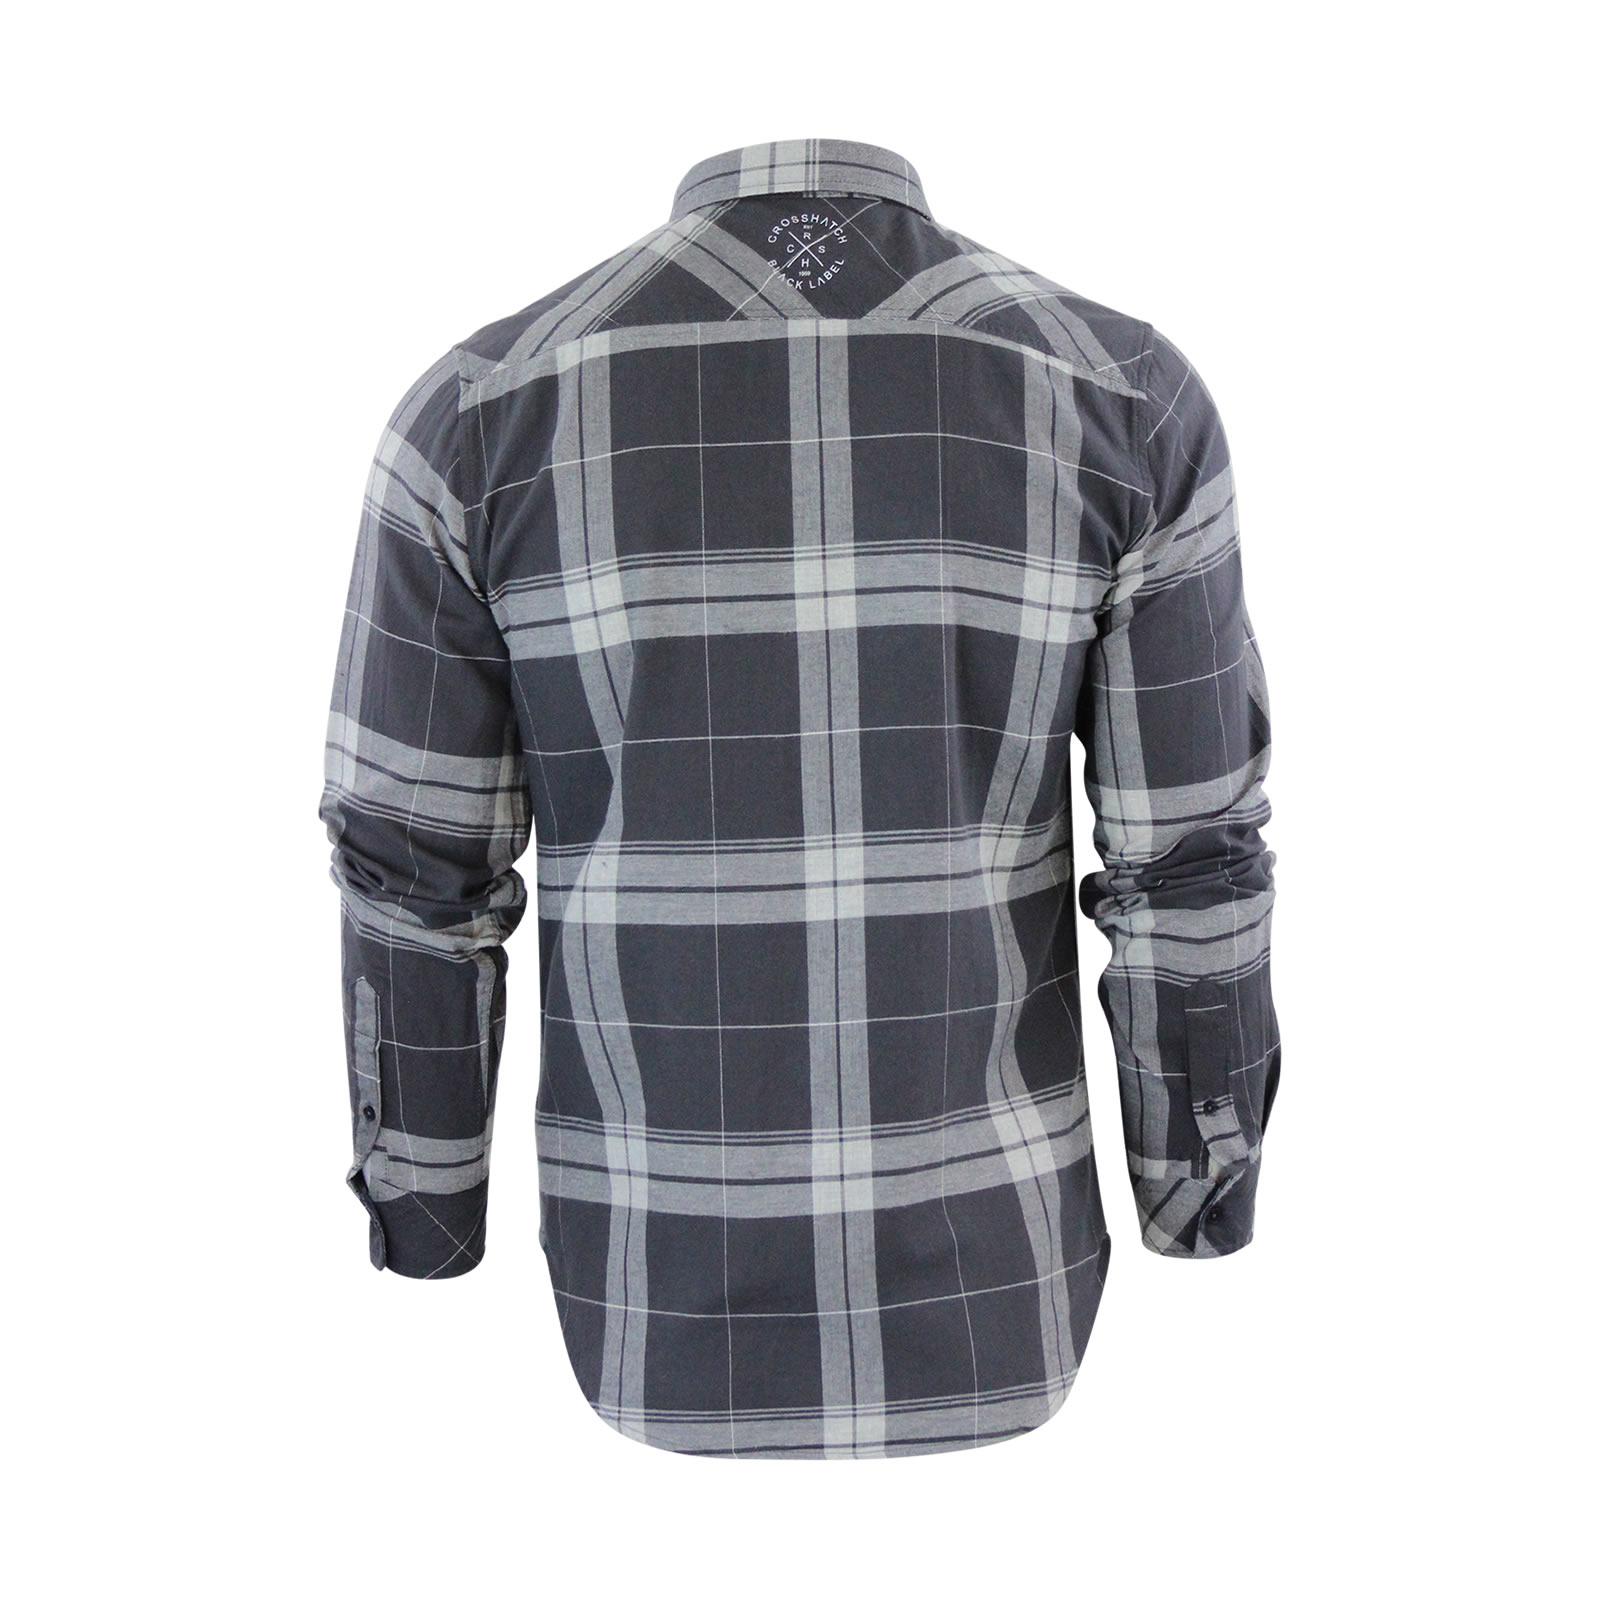 miniature 6 - Homme chemise à carreaux crosshatch mitty coton à col à manches longues top casual